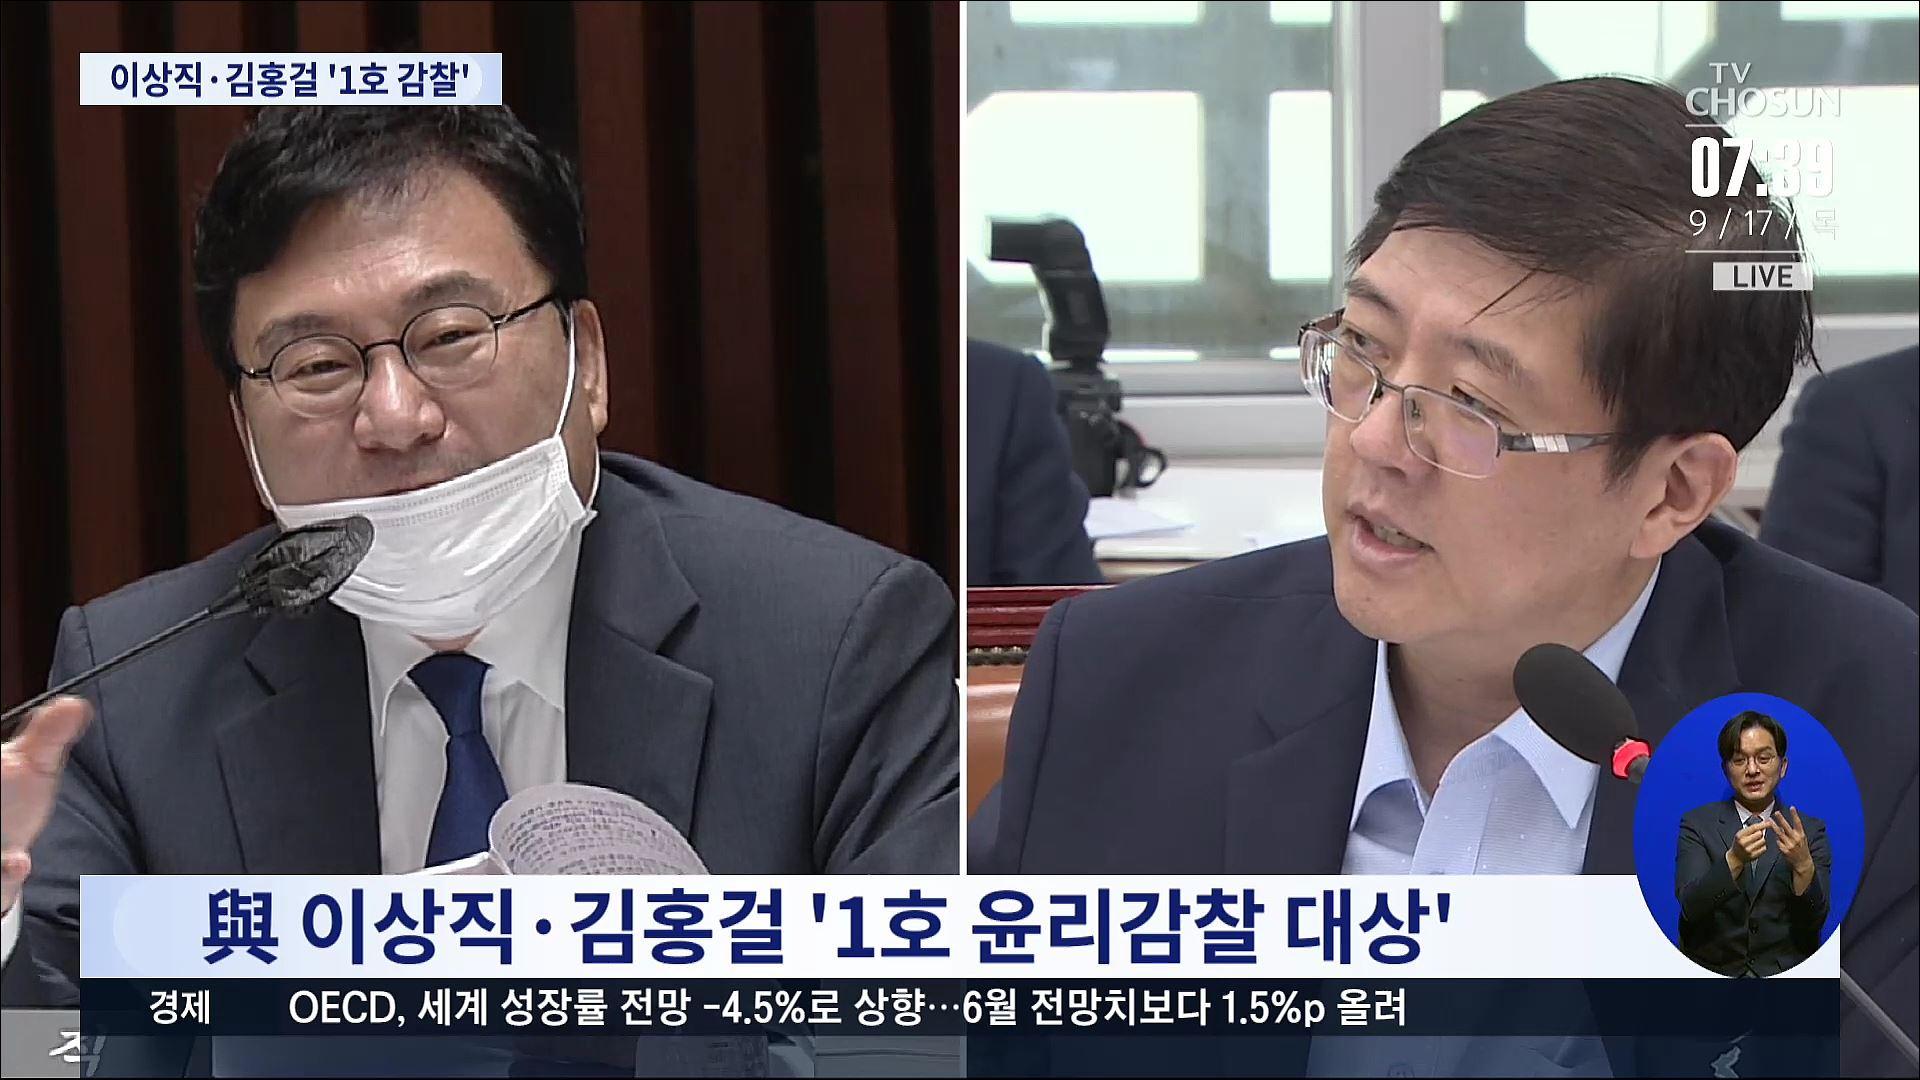 與, 이상직·김홍걸 감찰단 회부…윤미향은 당원권 정지